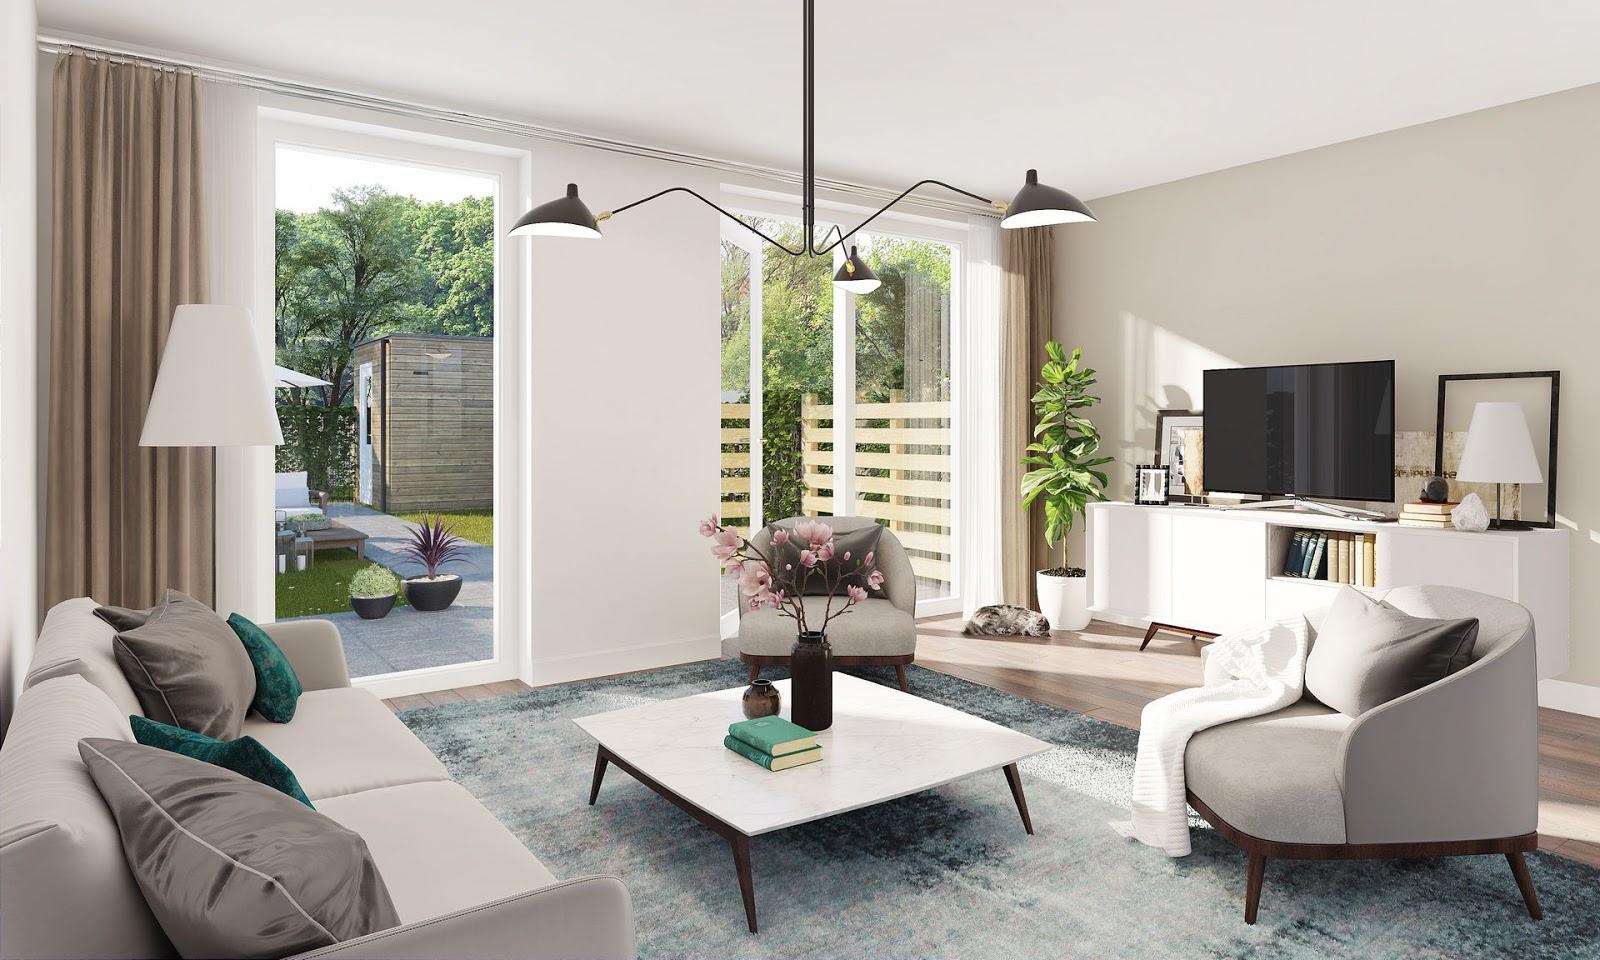 Artwall and co vente tableau design d coration maison for Nouvelle decoration interieur